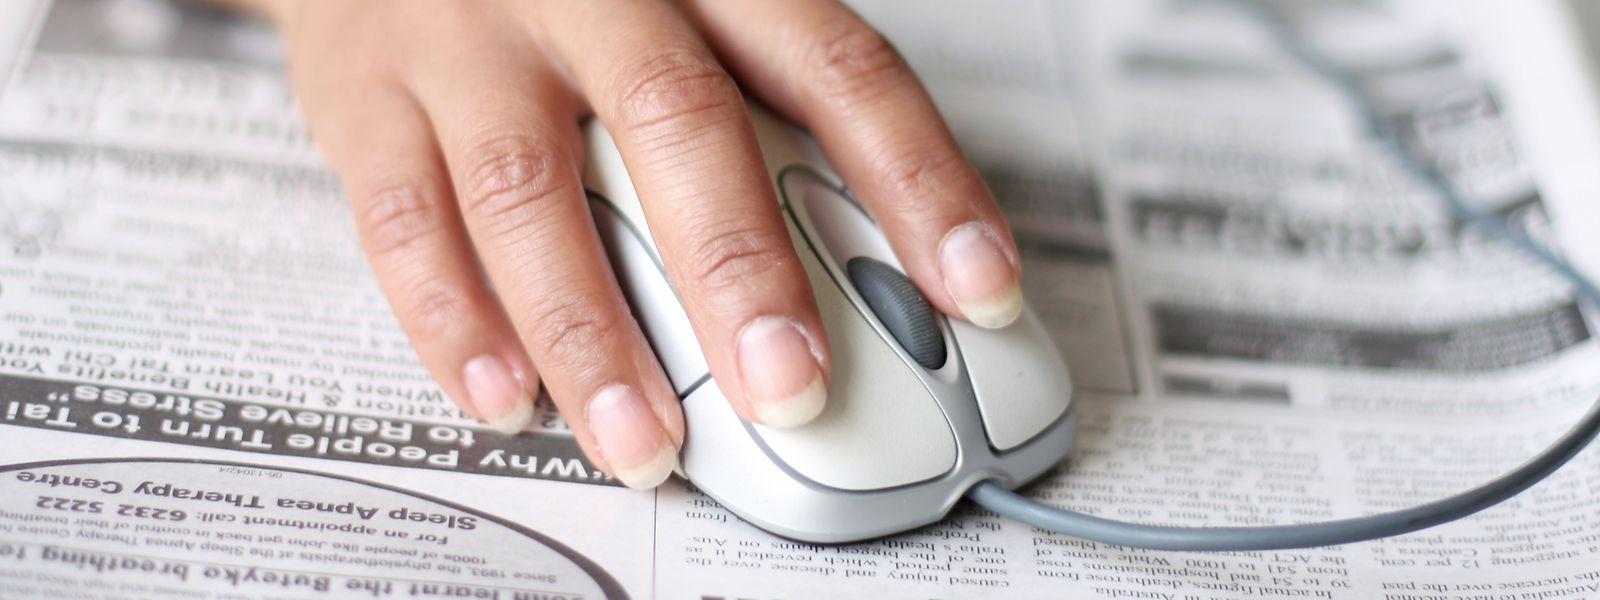 Welche Bewegungen man beim surfen mit der Maus ausführt, lässt unter Umständen auf persönliche Daten schließen.